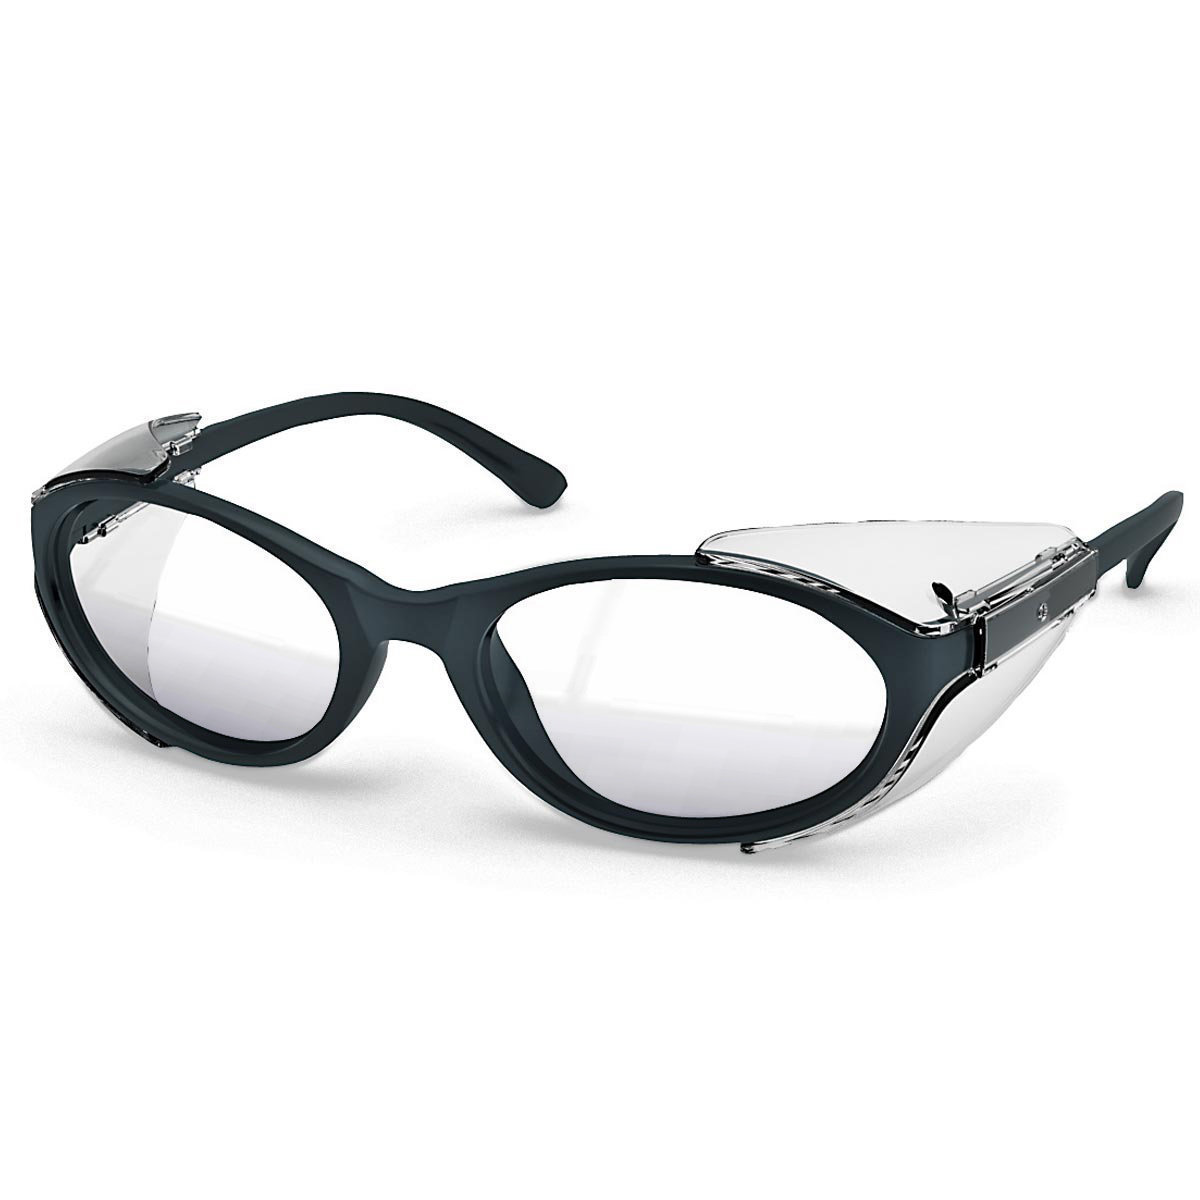 Uvex Korrektionsschutzbrille RX 5504 - Super-Entspiegelung